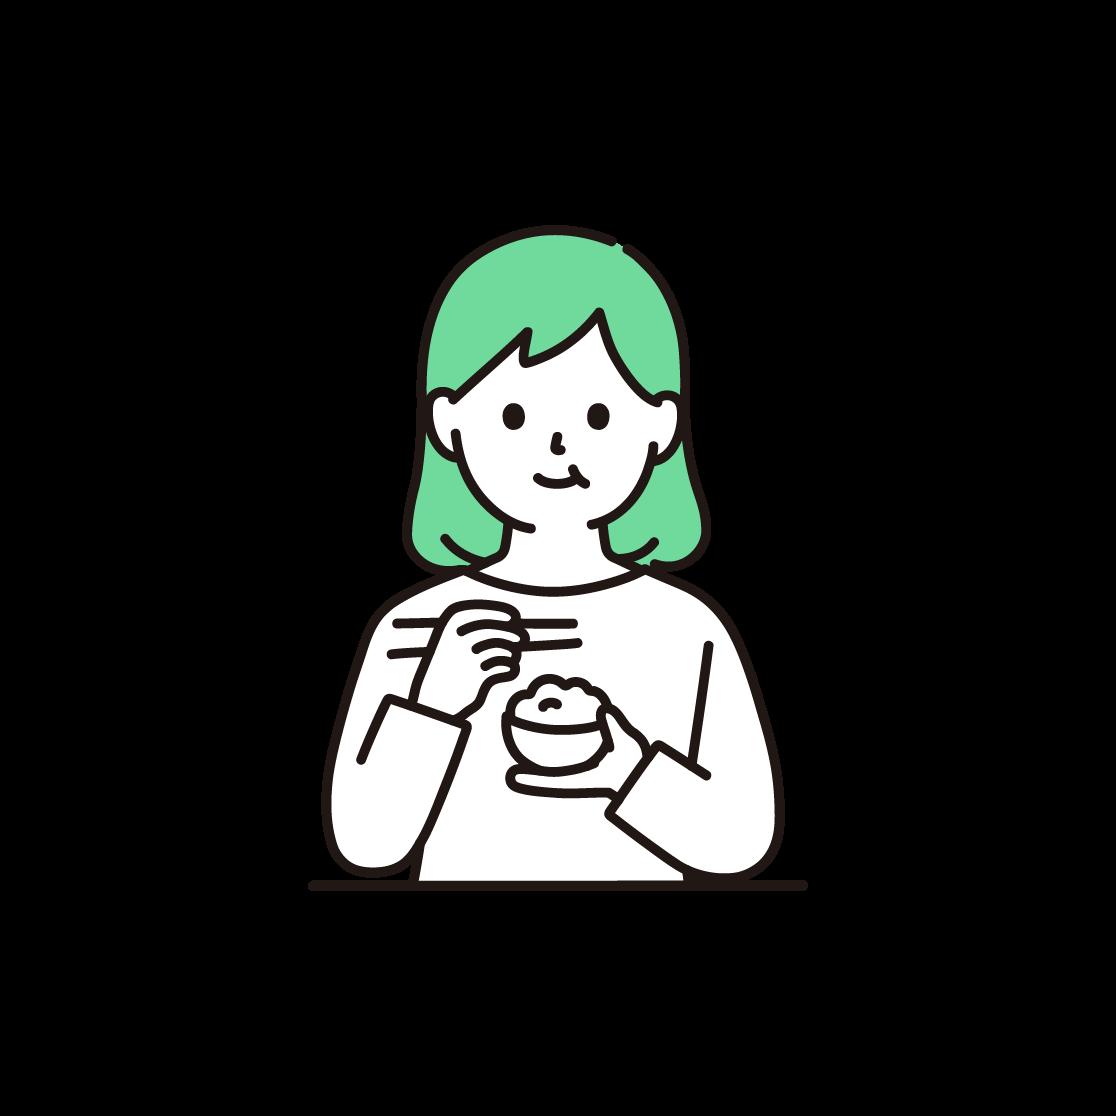 食事をする女性のイラスト(単色)